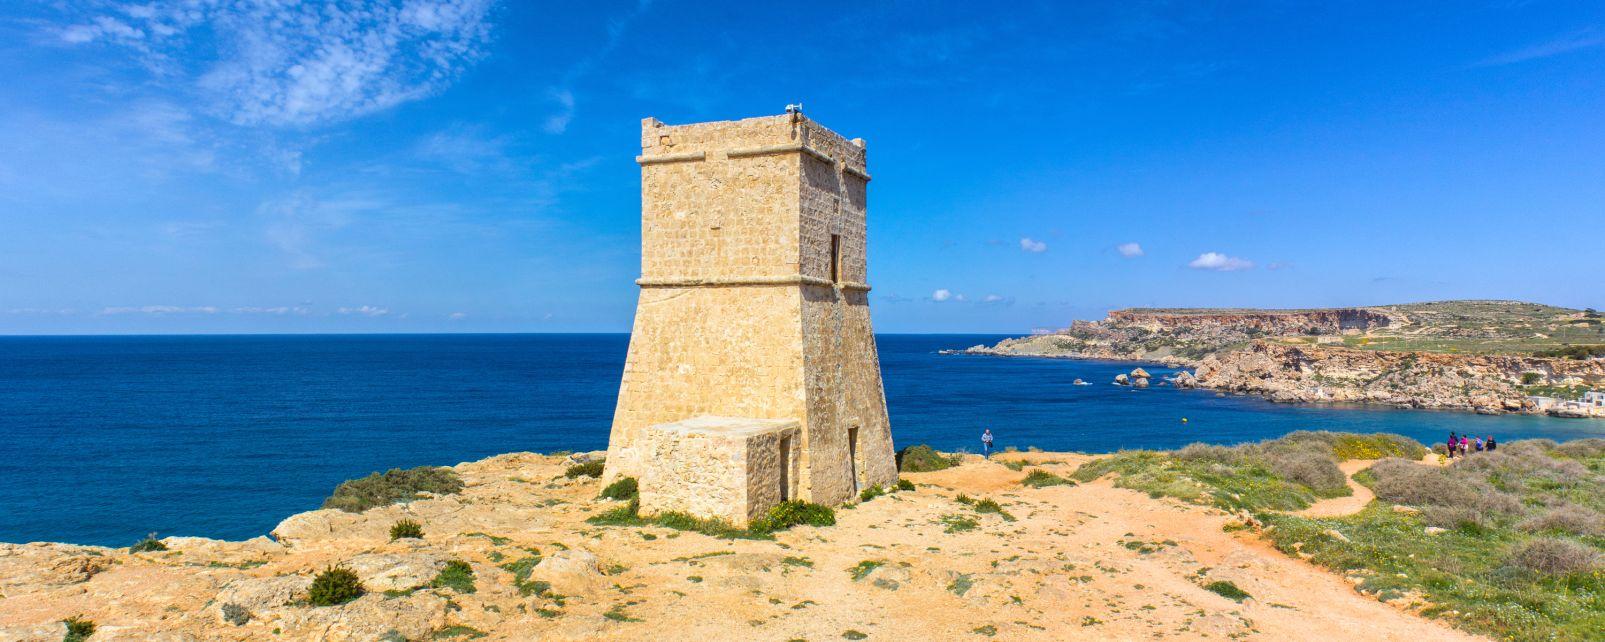 Les paysages, malte, méditerranée, europe, tour, côte, mer, guêt